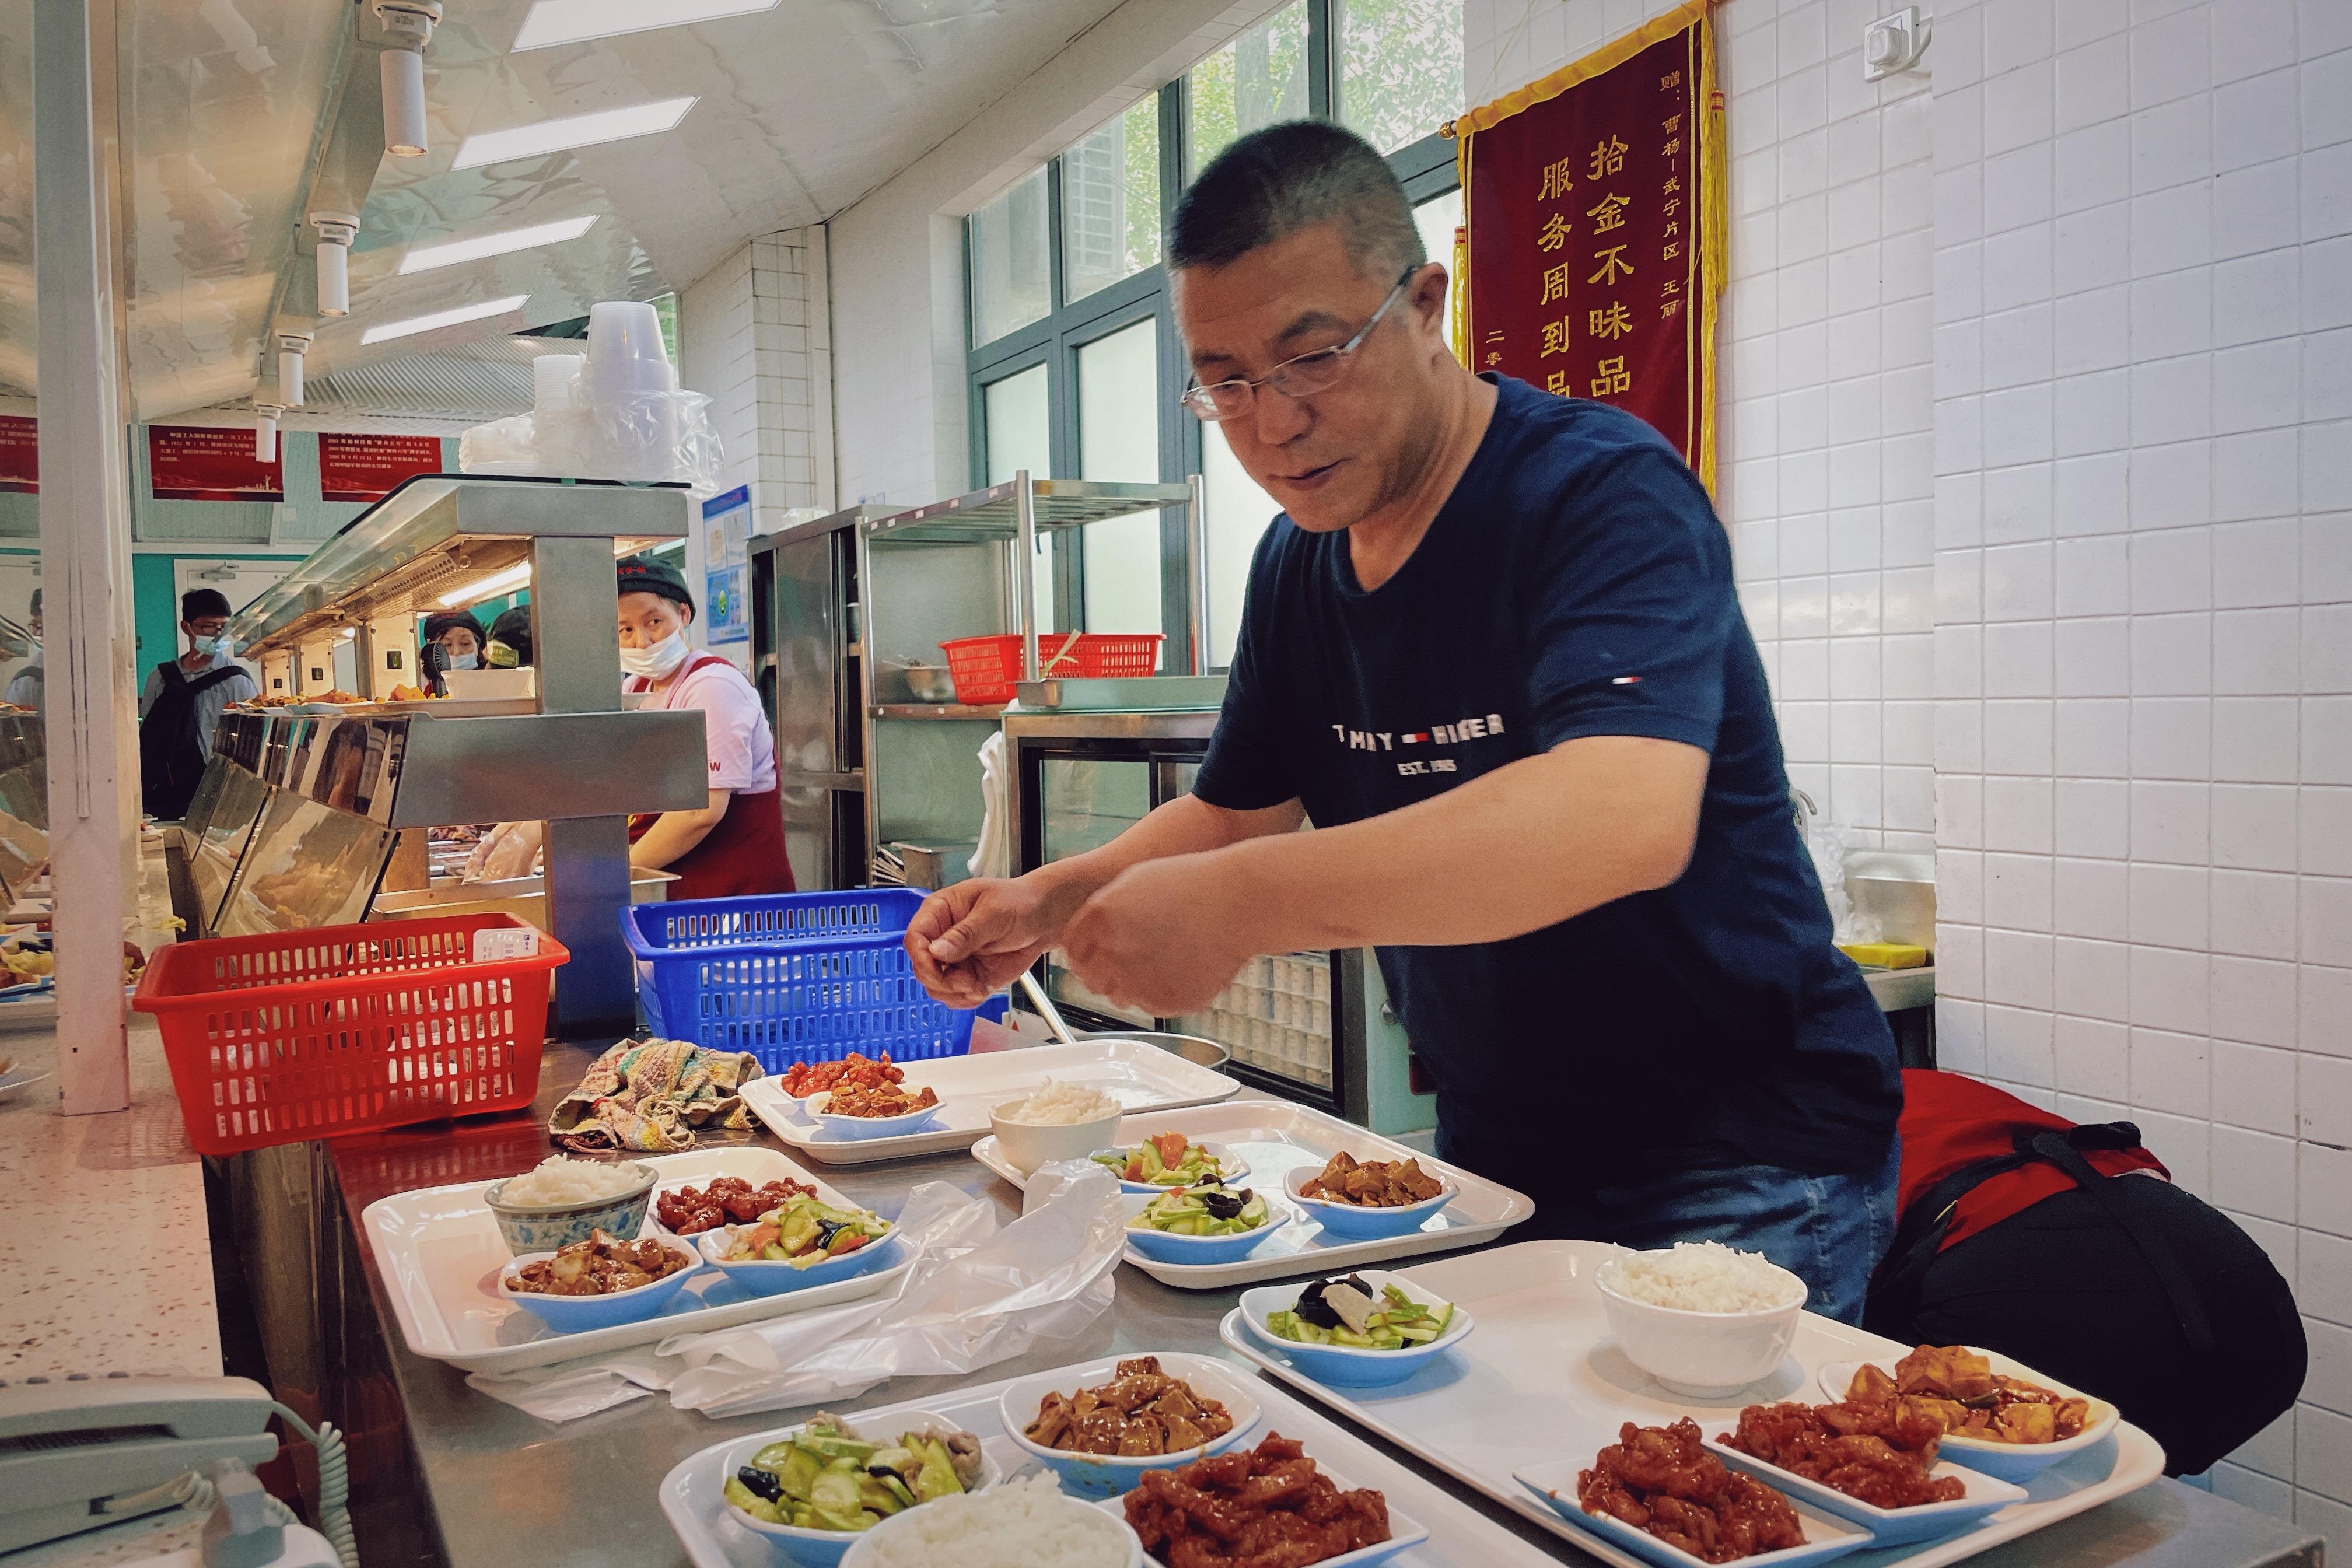 周良在备餐工作中。 澎湃新闻记者 梁嫣佳 图